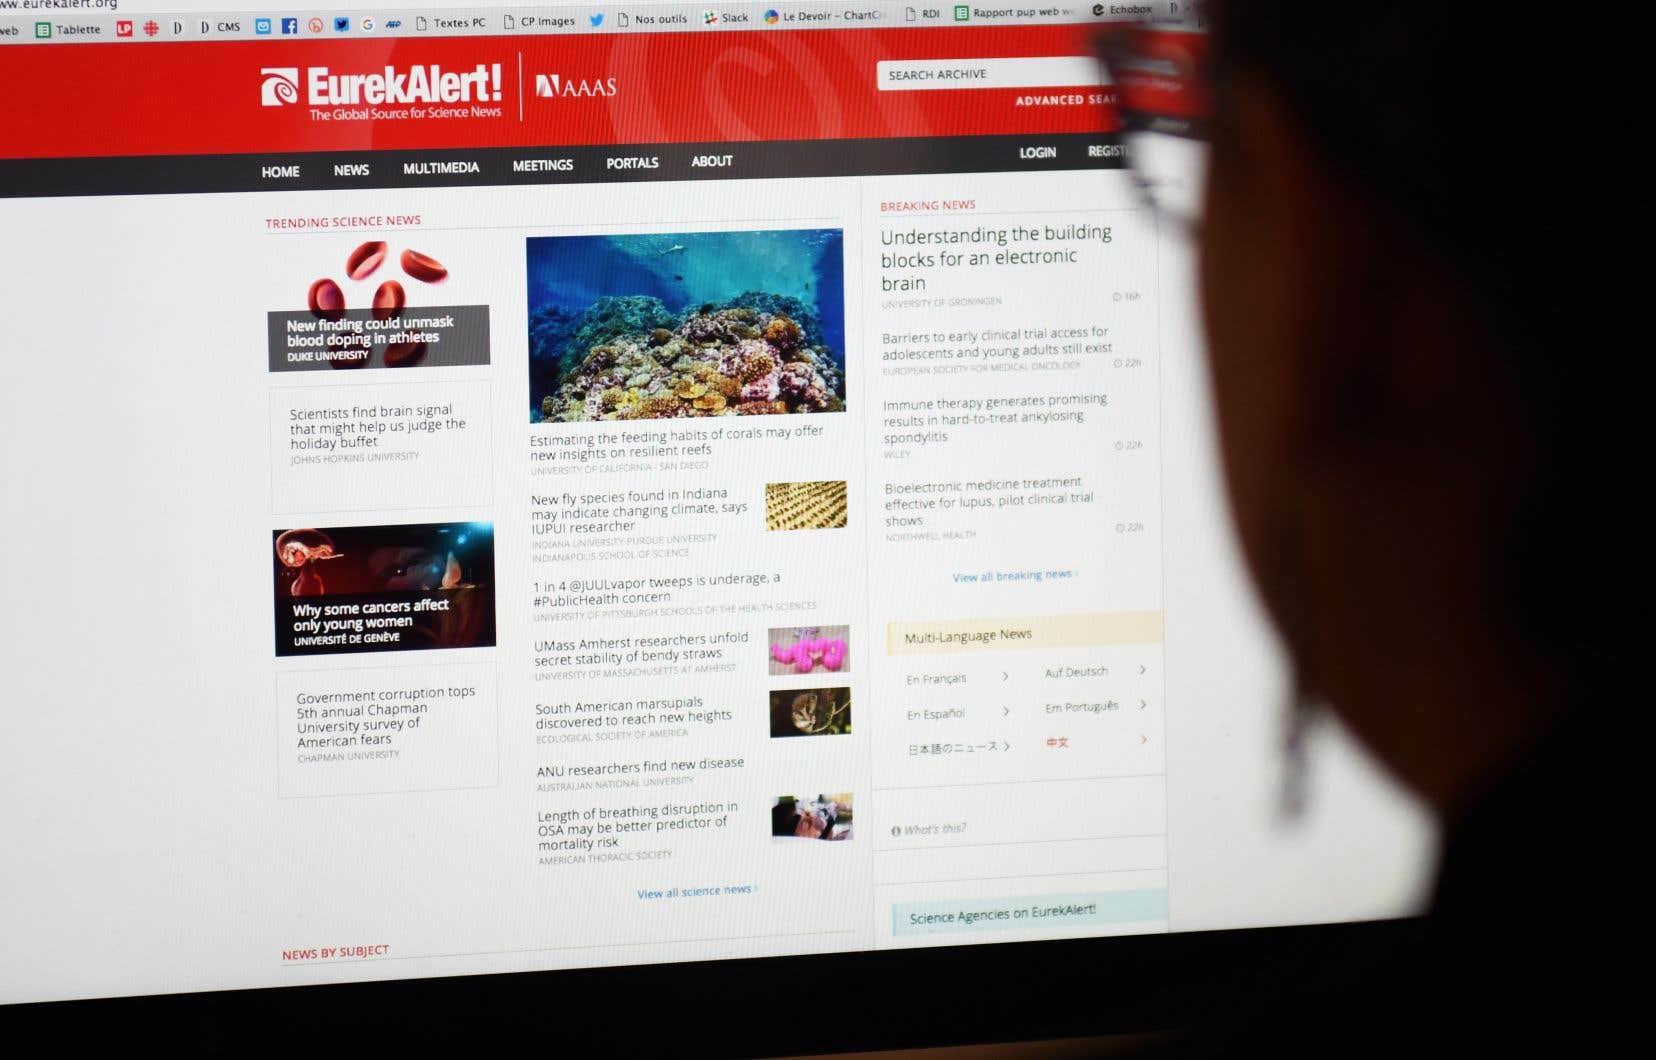 Le magazine en ligne «HealthNewsReview»a même créé une rubrique «communiqués de presse problématiques» et c'est son éditeur, Kevin Lomangino, qui, cette semaine, a publié un appel à ce qu'Eurekalert «sévisse contre la désinformation».